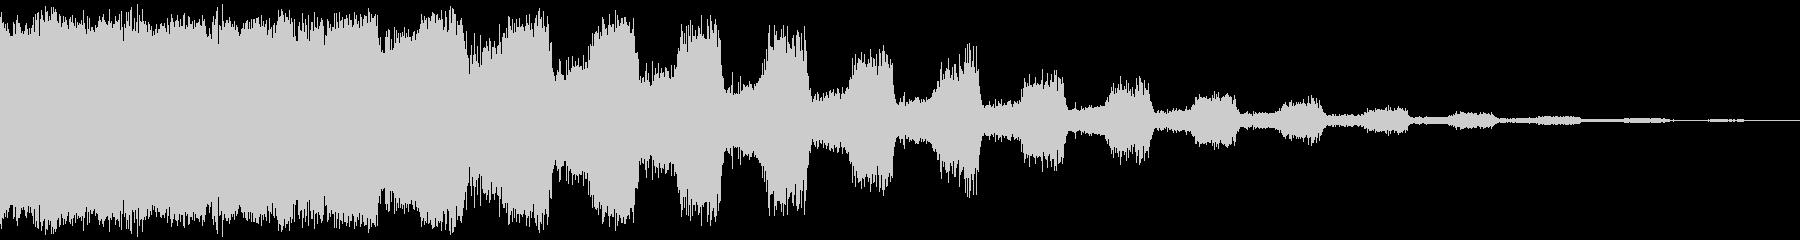 パルセーター旋回の未再生の波形